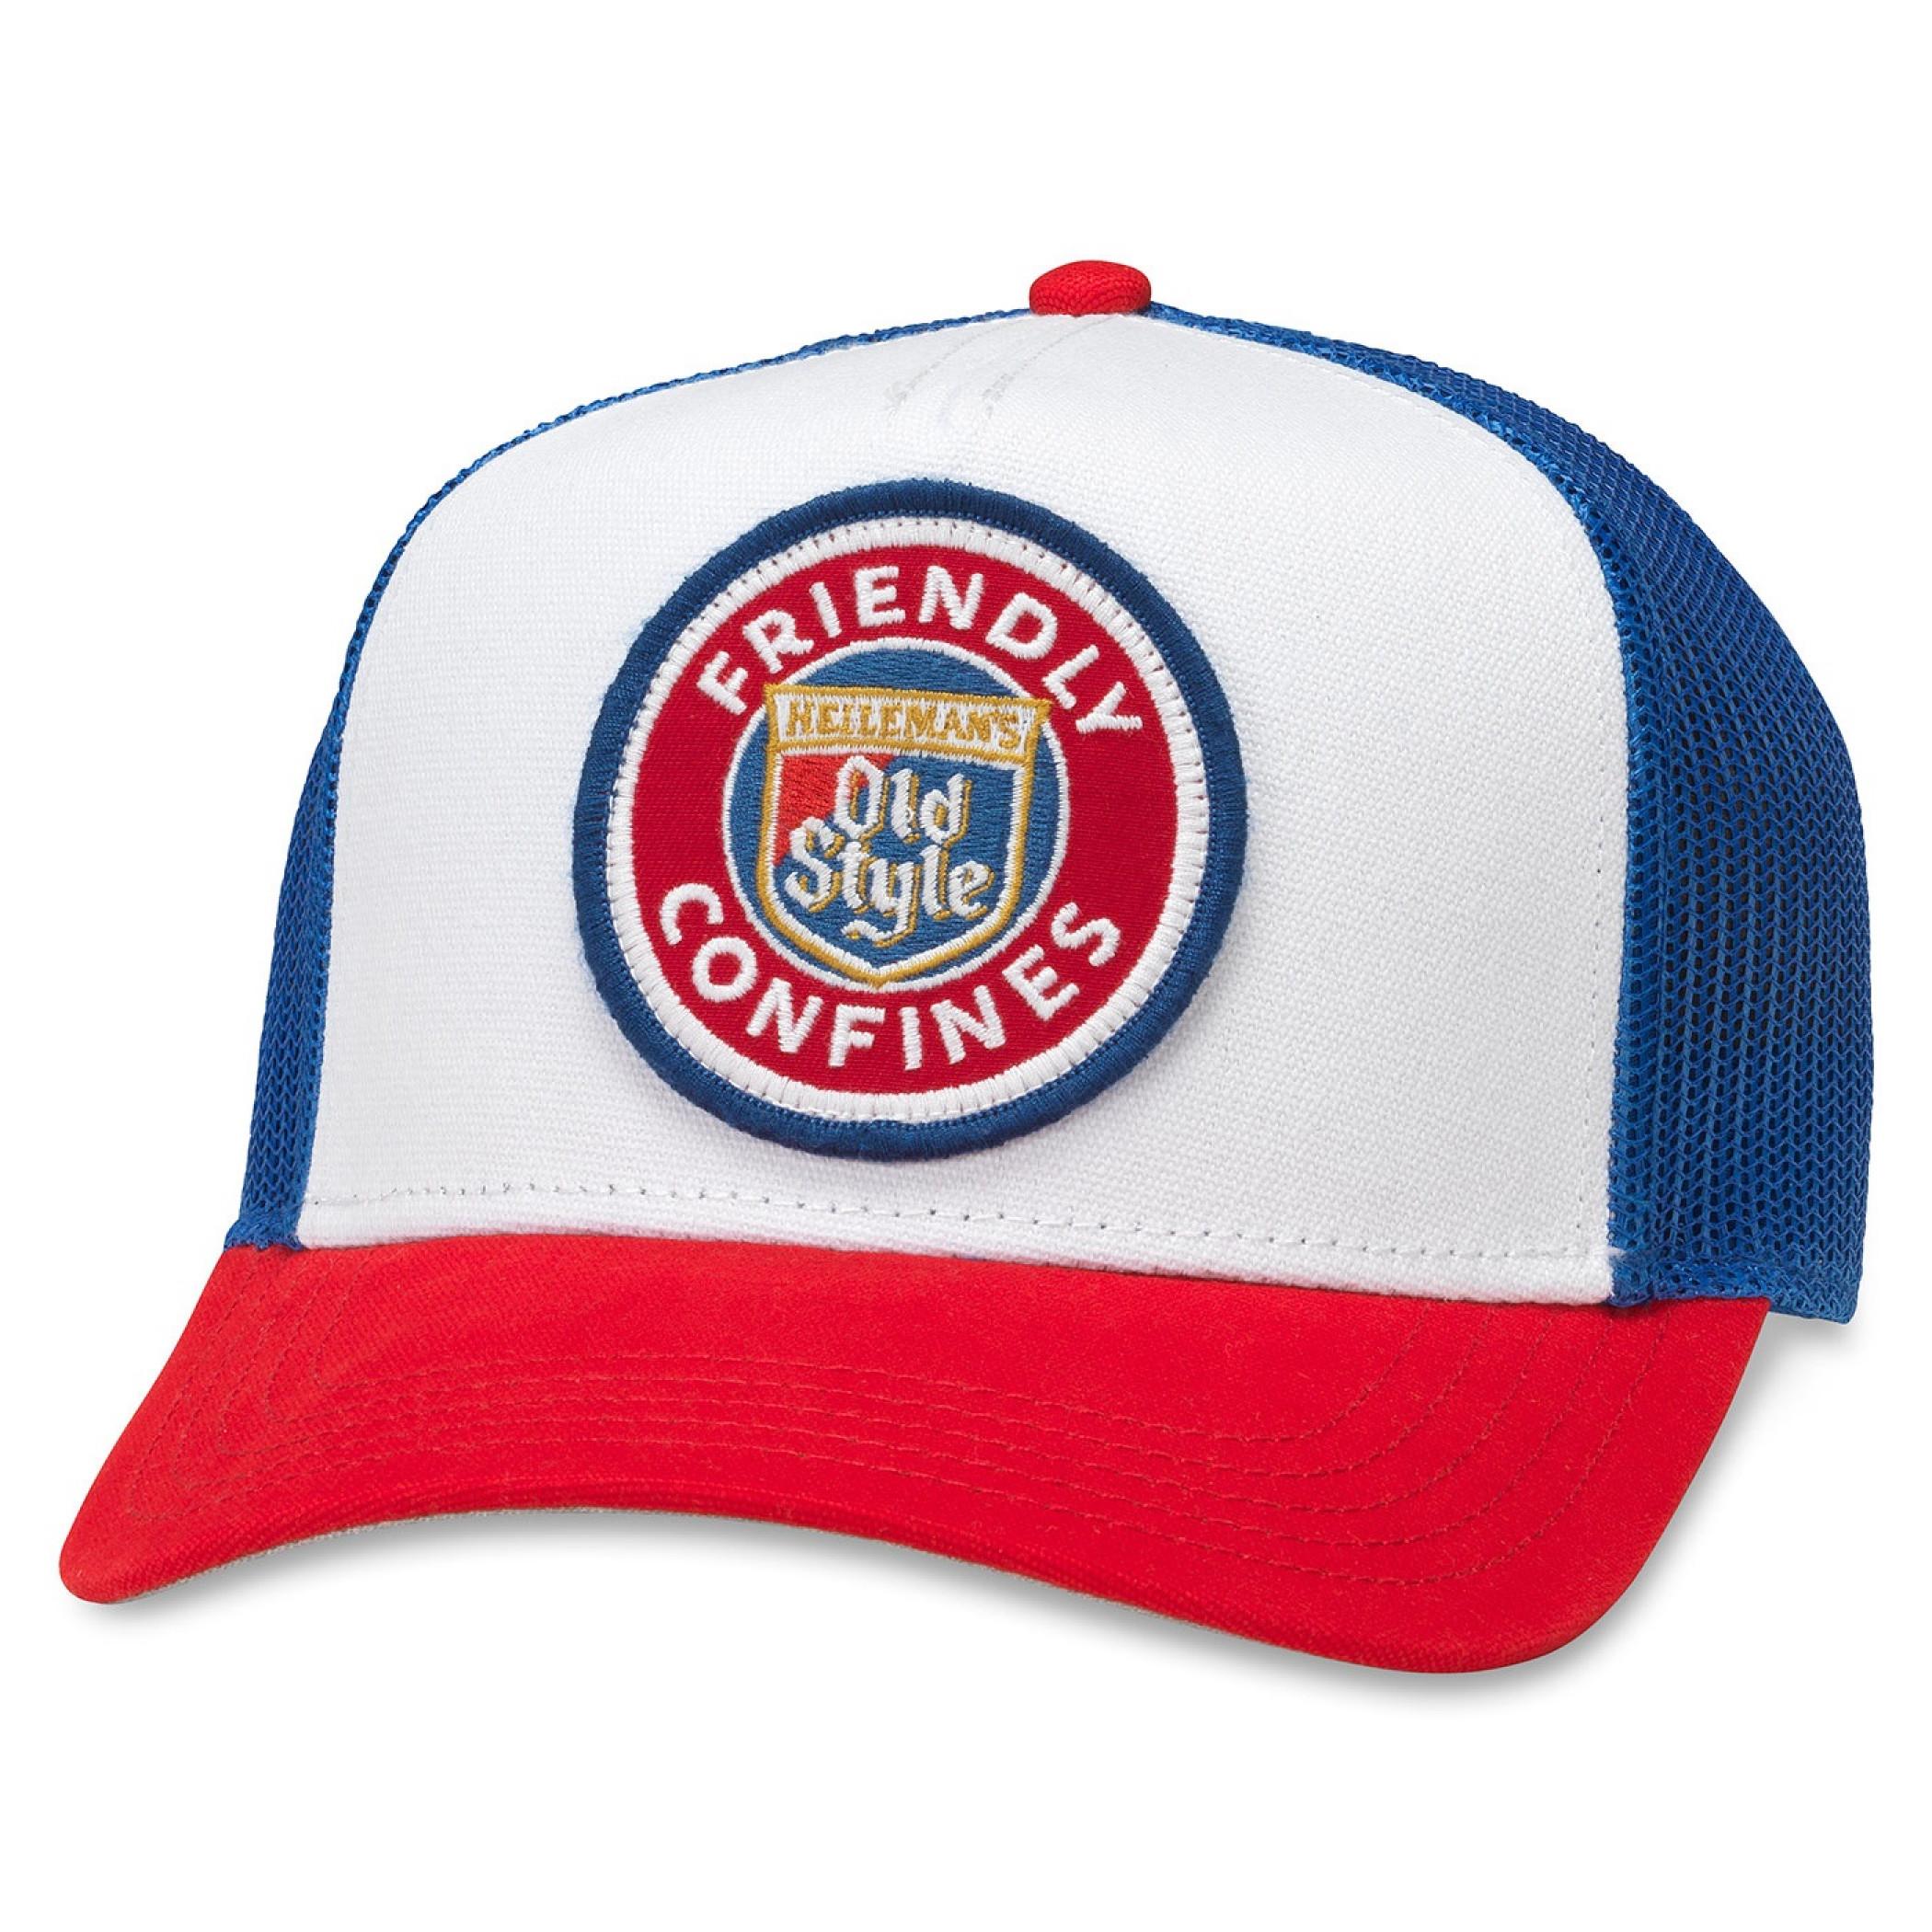 Olde Style Friendly Trucker Hat